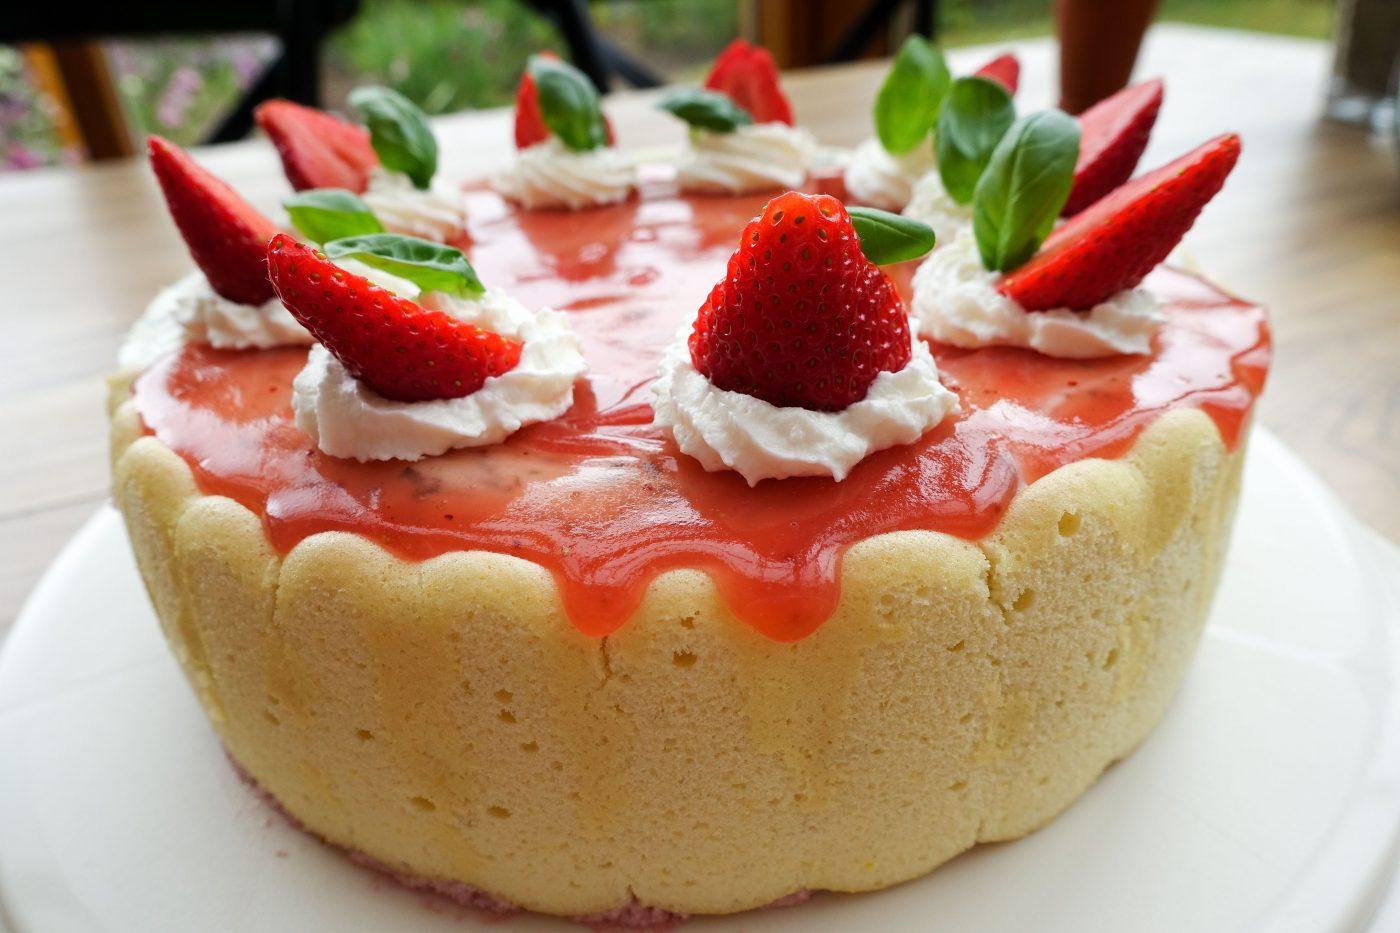 Erdbeer Torte mit Joghurt und Basilikum